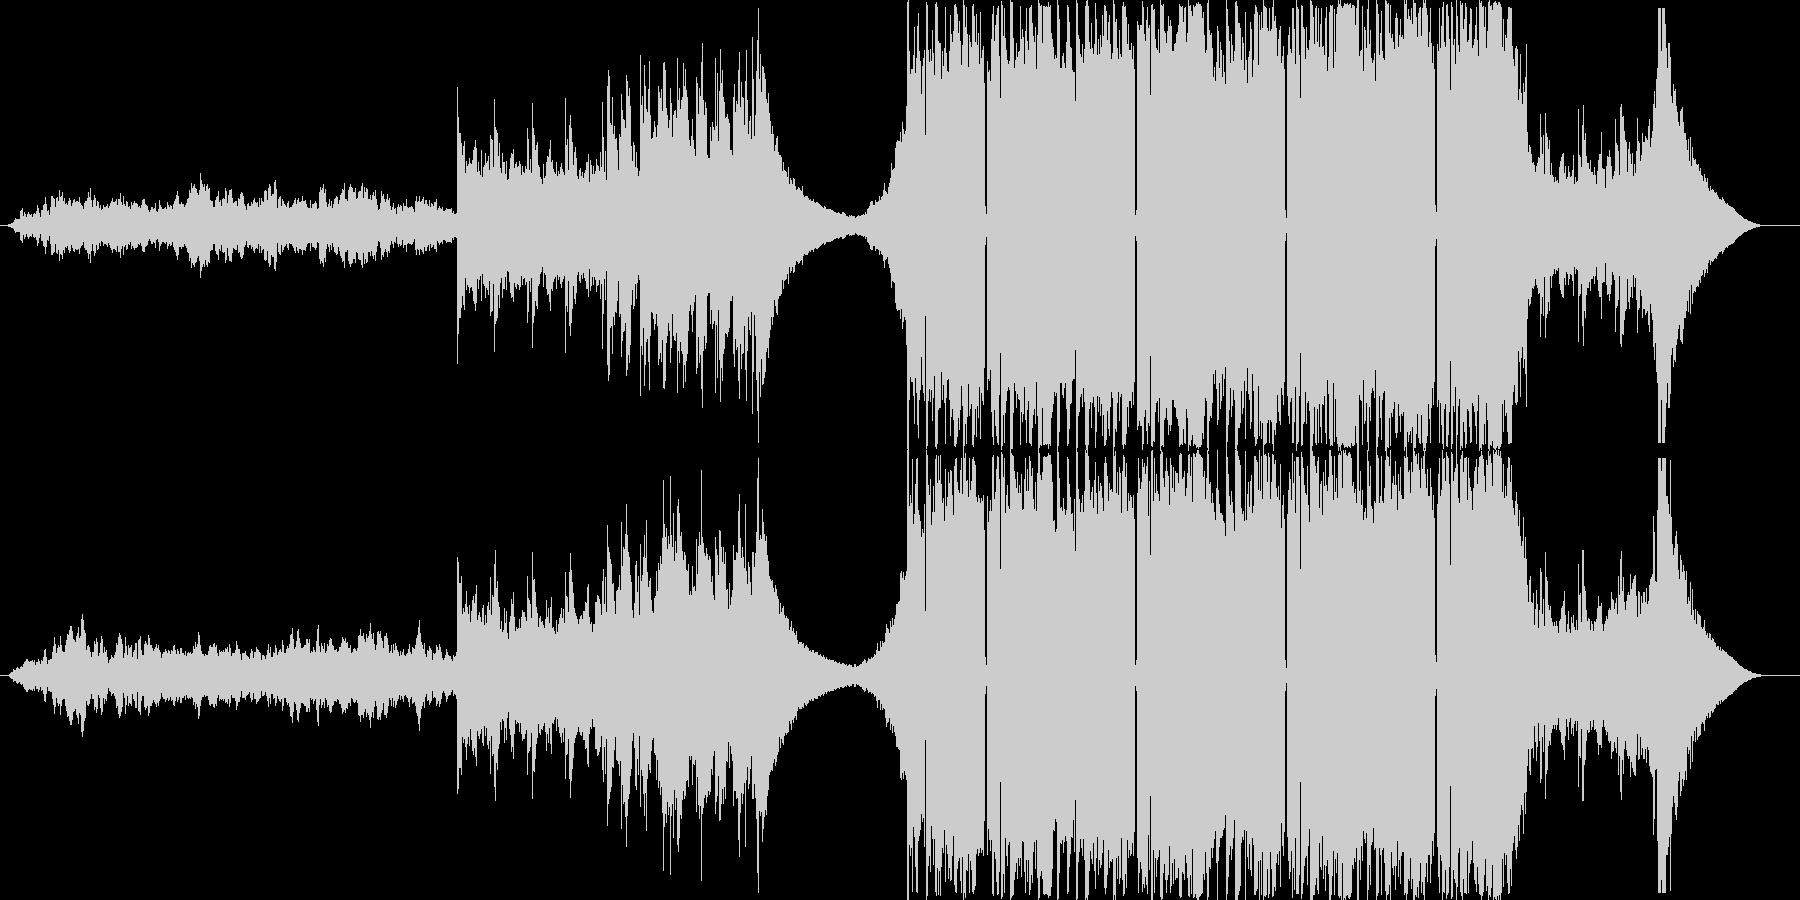 未来感あふれるテクスチャー系EDMの未再生の波形